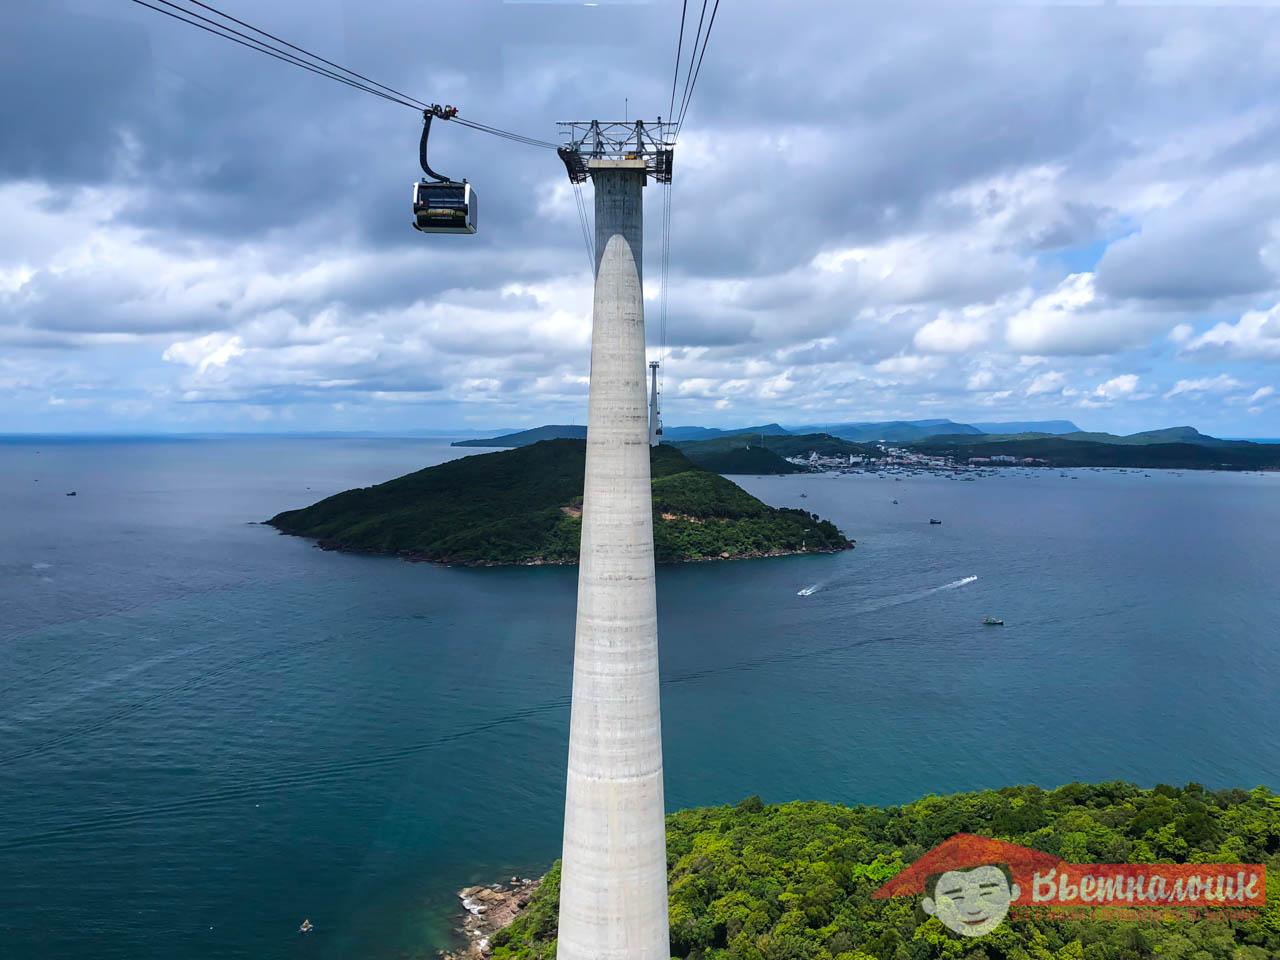 Канатная дорога острова Фукуок: как добраться, стоимость, расписание